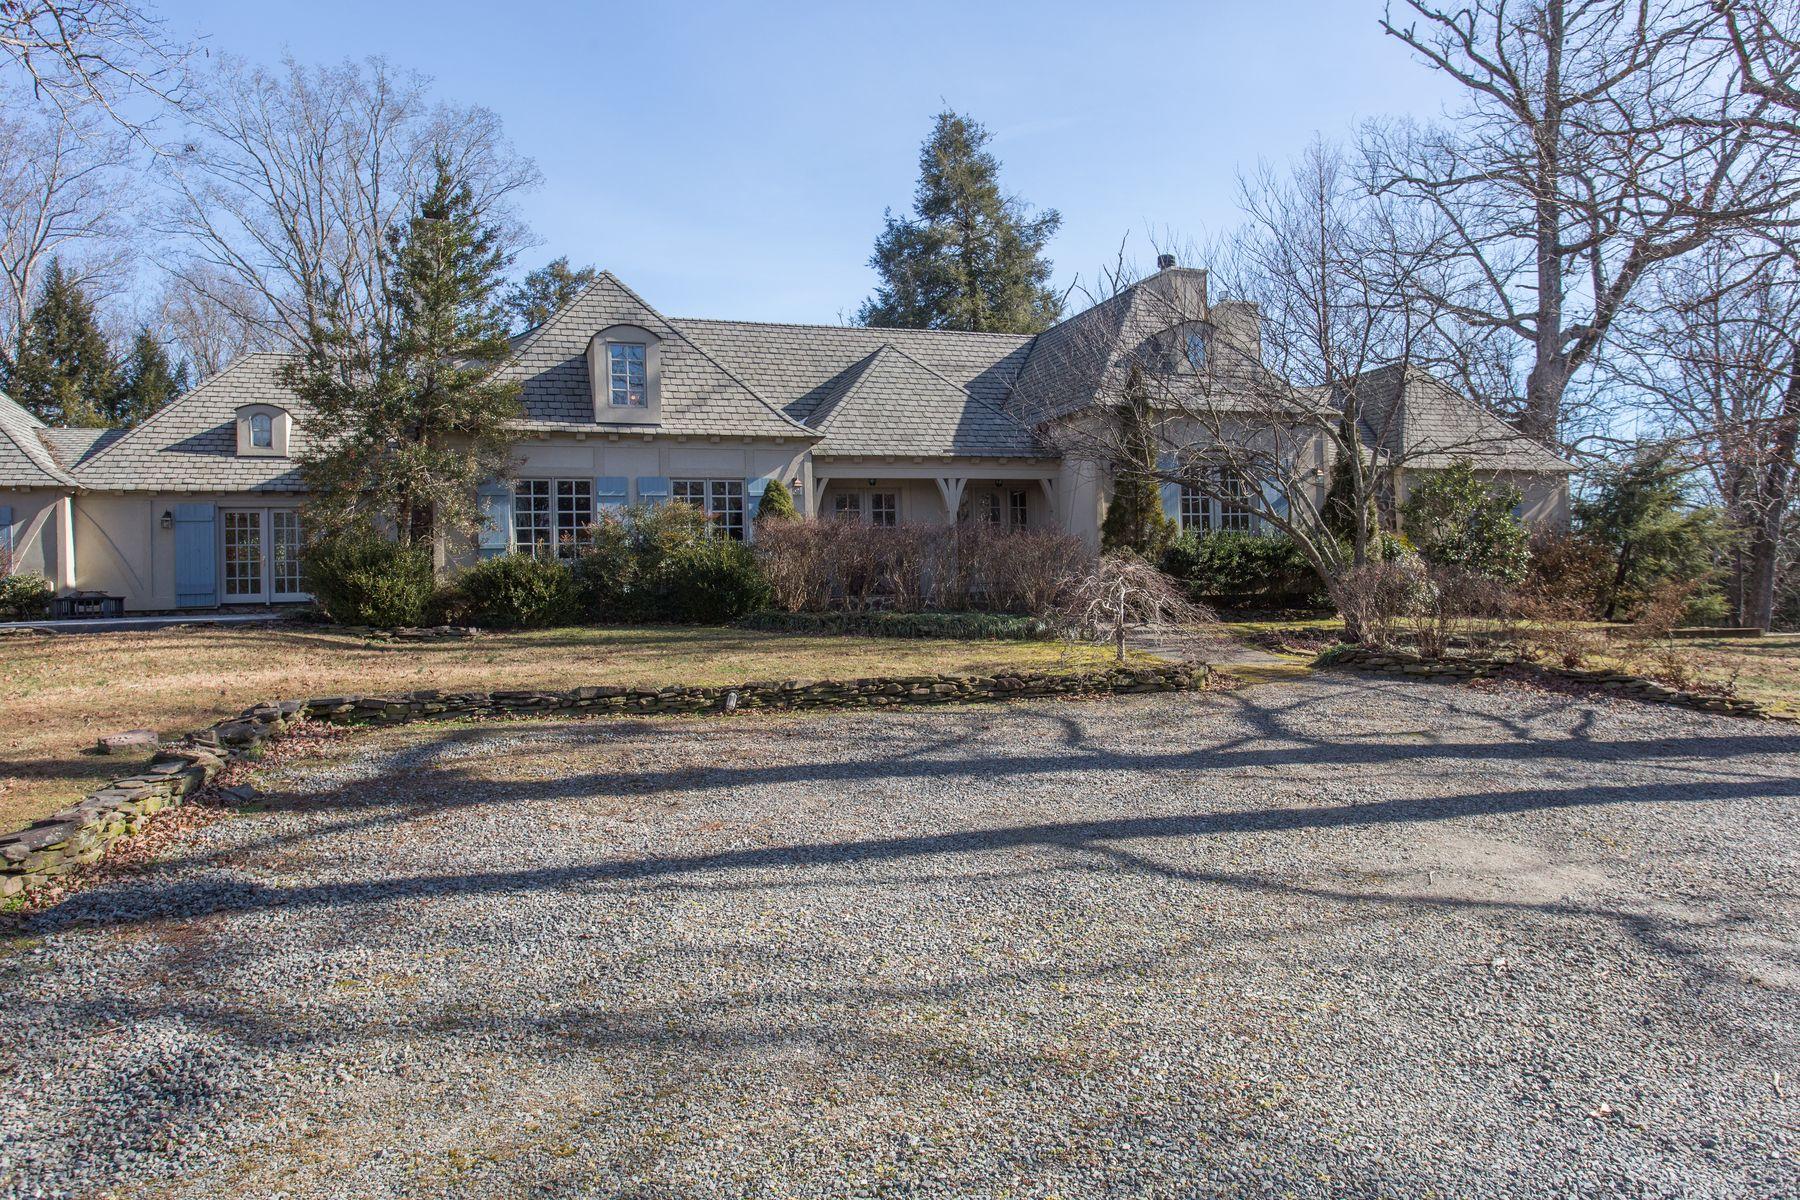 Ferme / Ranch / Plantation pour l Vente à East Leake 4048 Broad Street Goochland, Virginia 23063 États-Unis